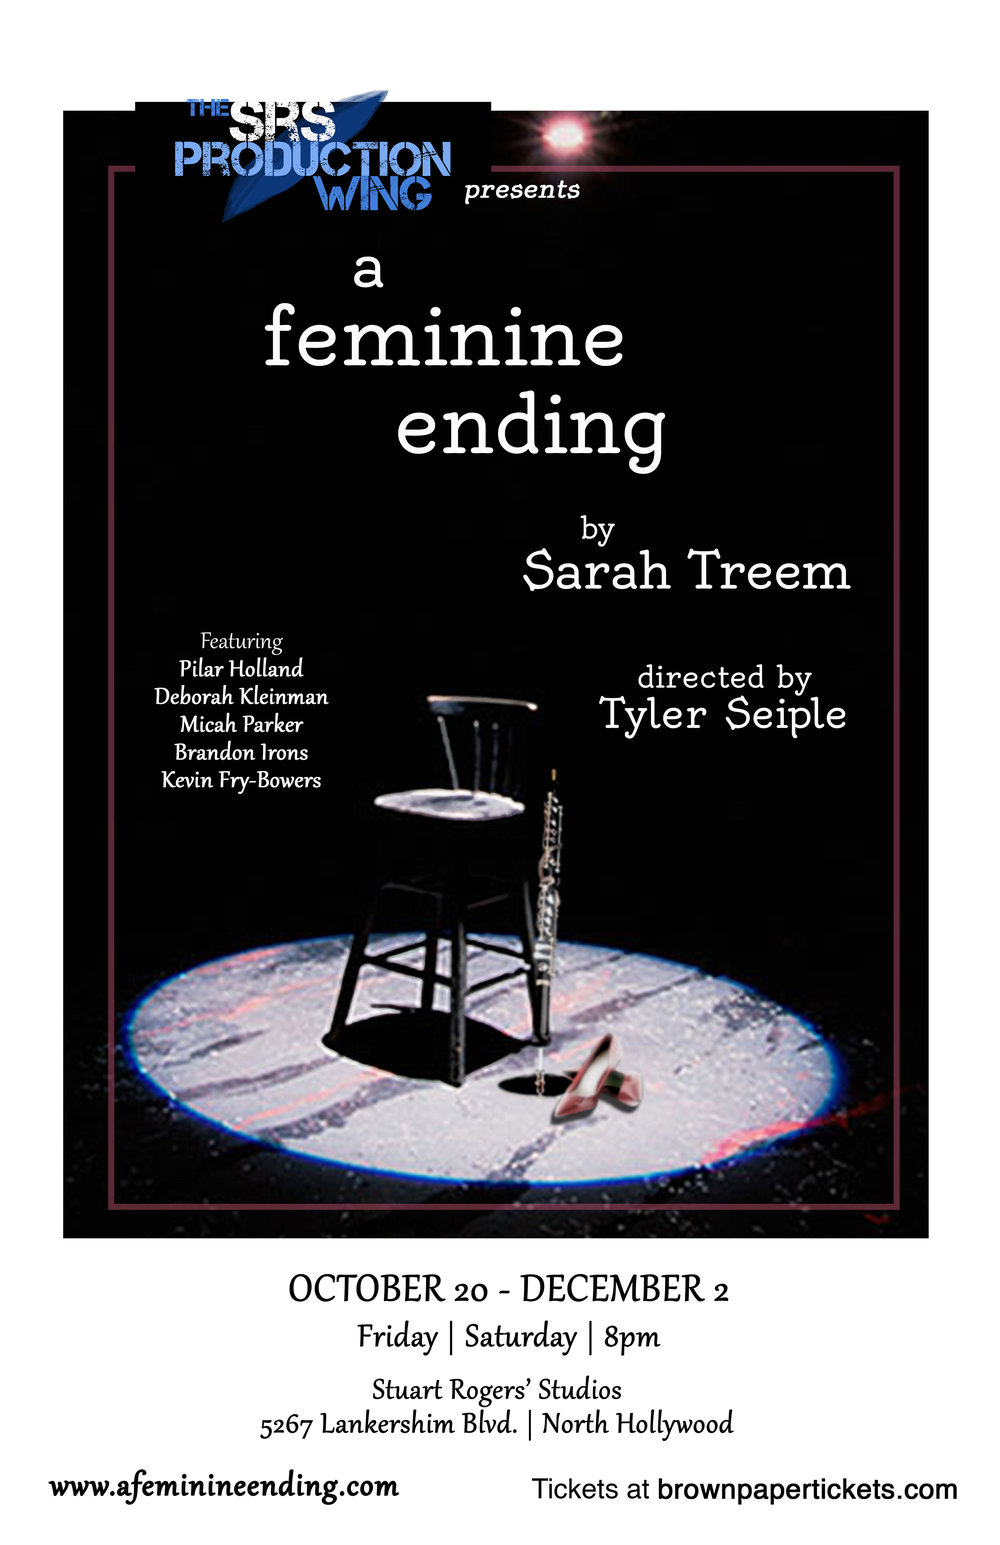 FEMININE11x17 v2.jpg